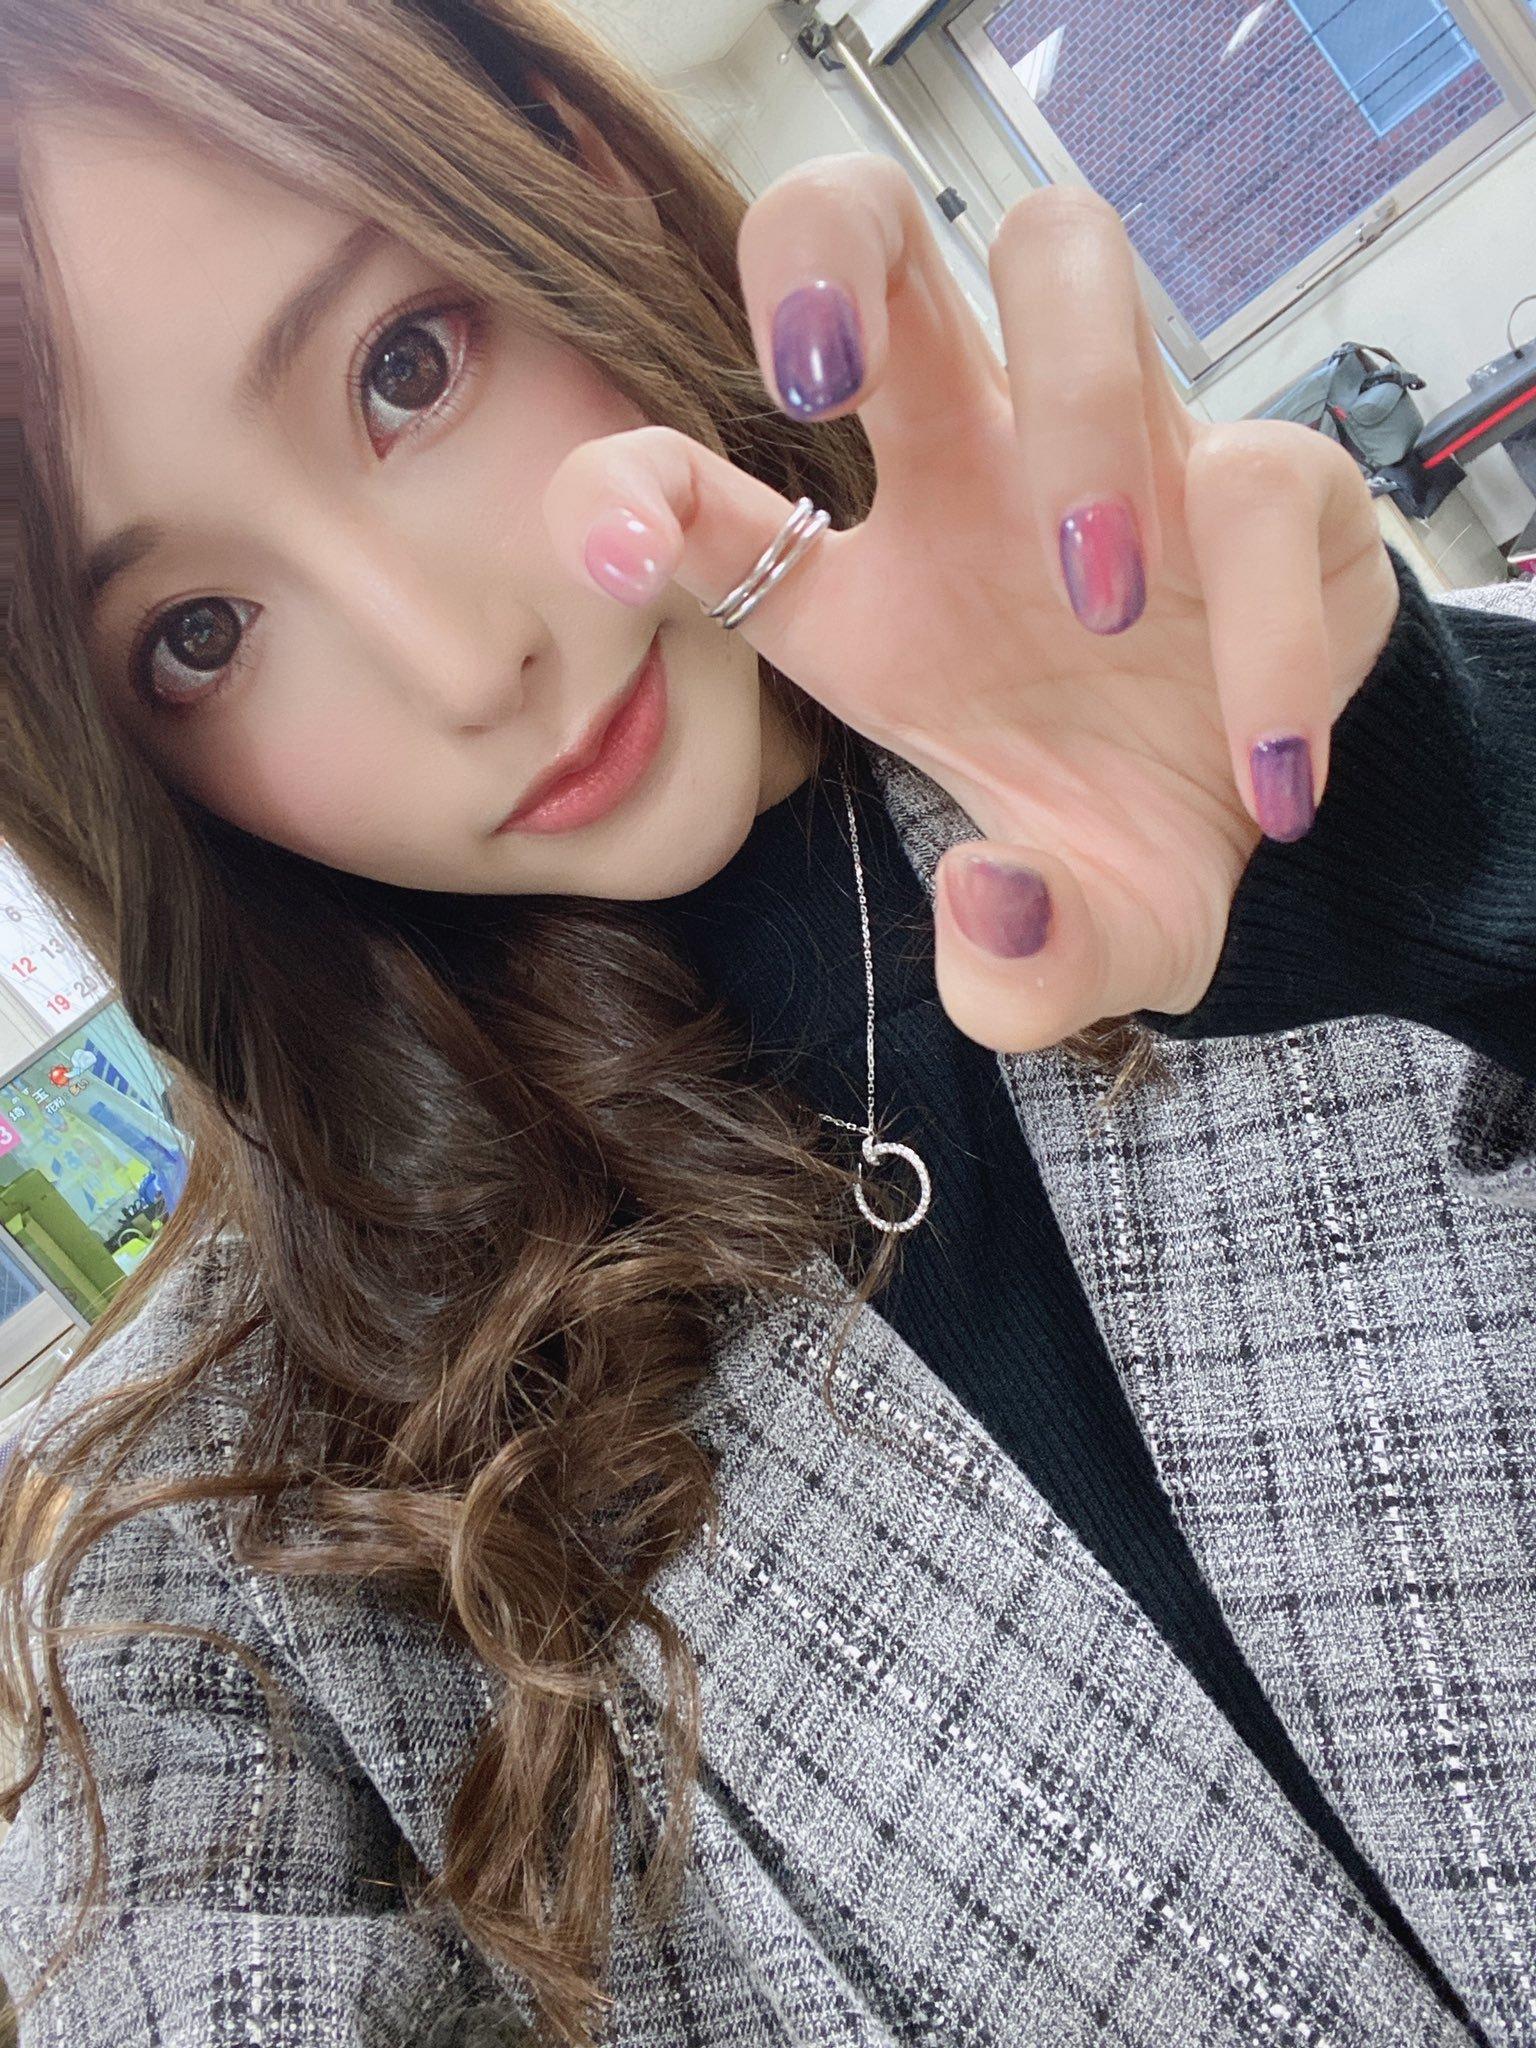 内衣写真 No.6